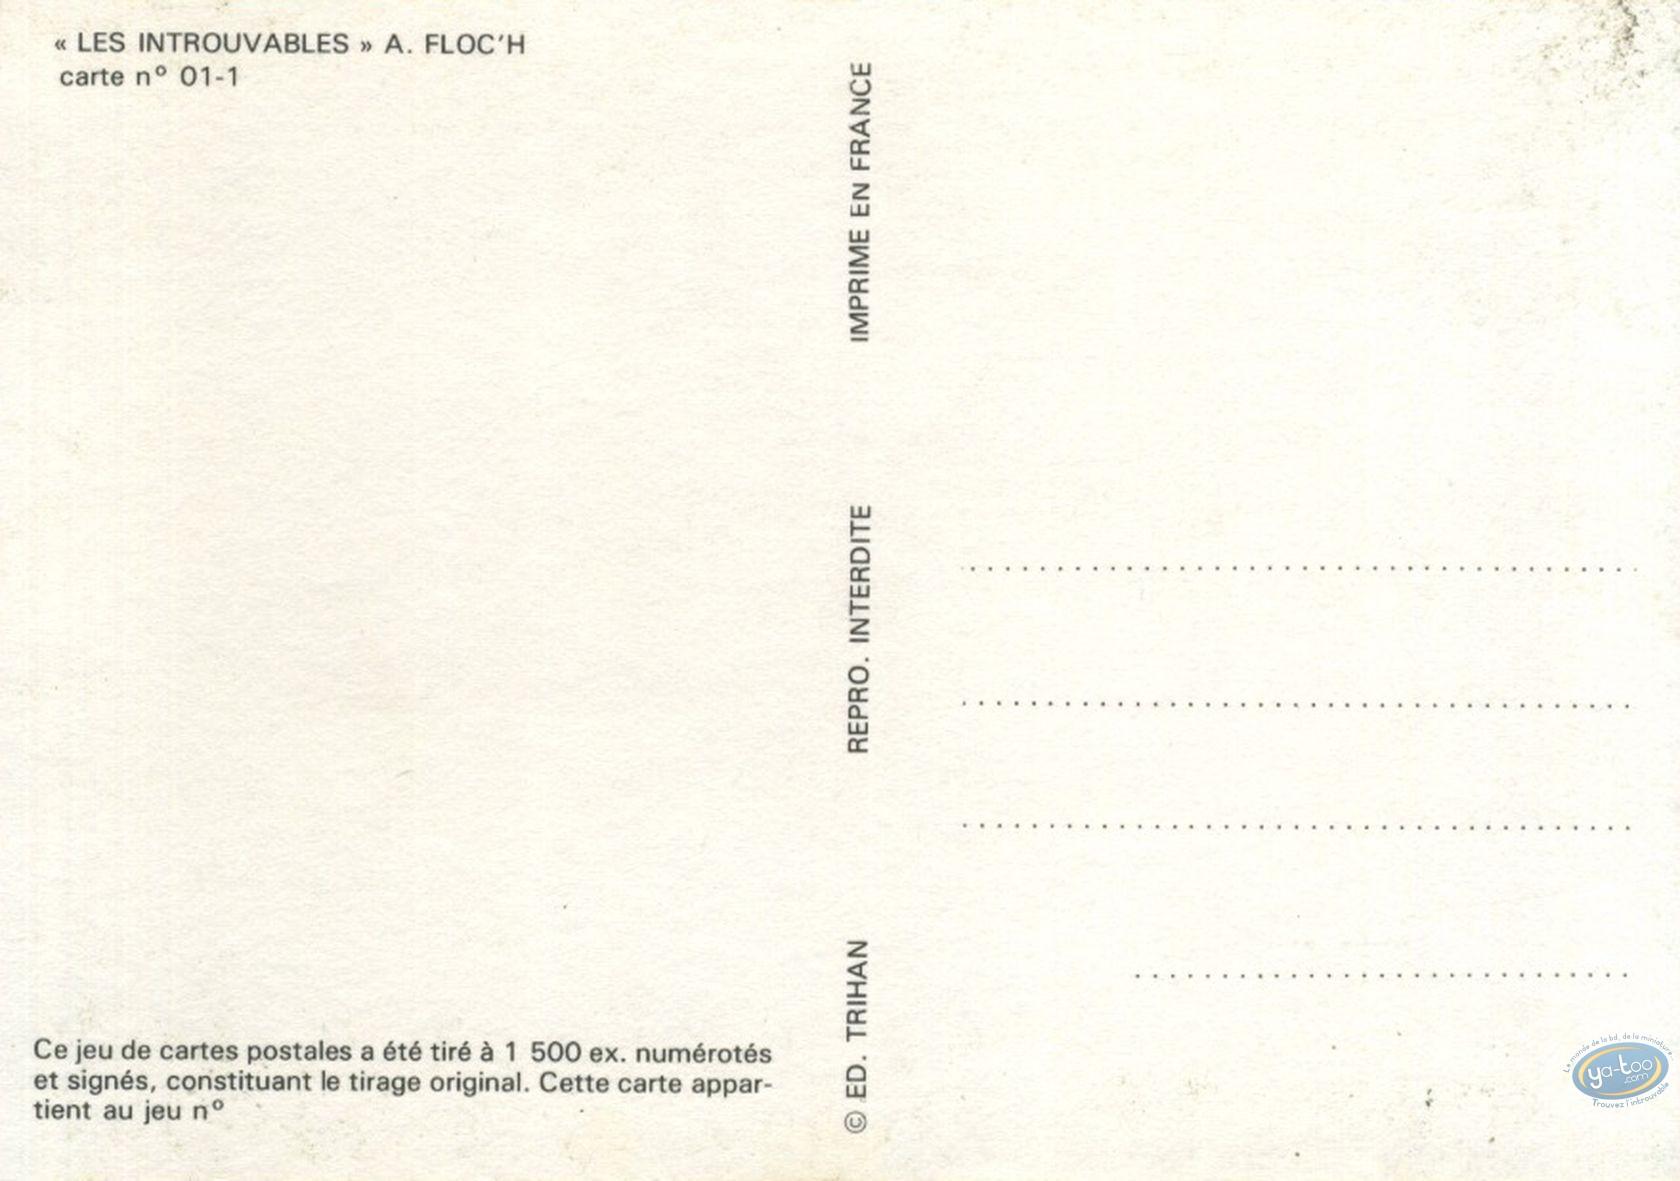 Carte postale, Hommage à Jijé, Les introuvables n° 1 par A. Floc'h